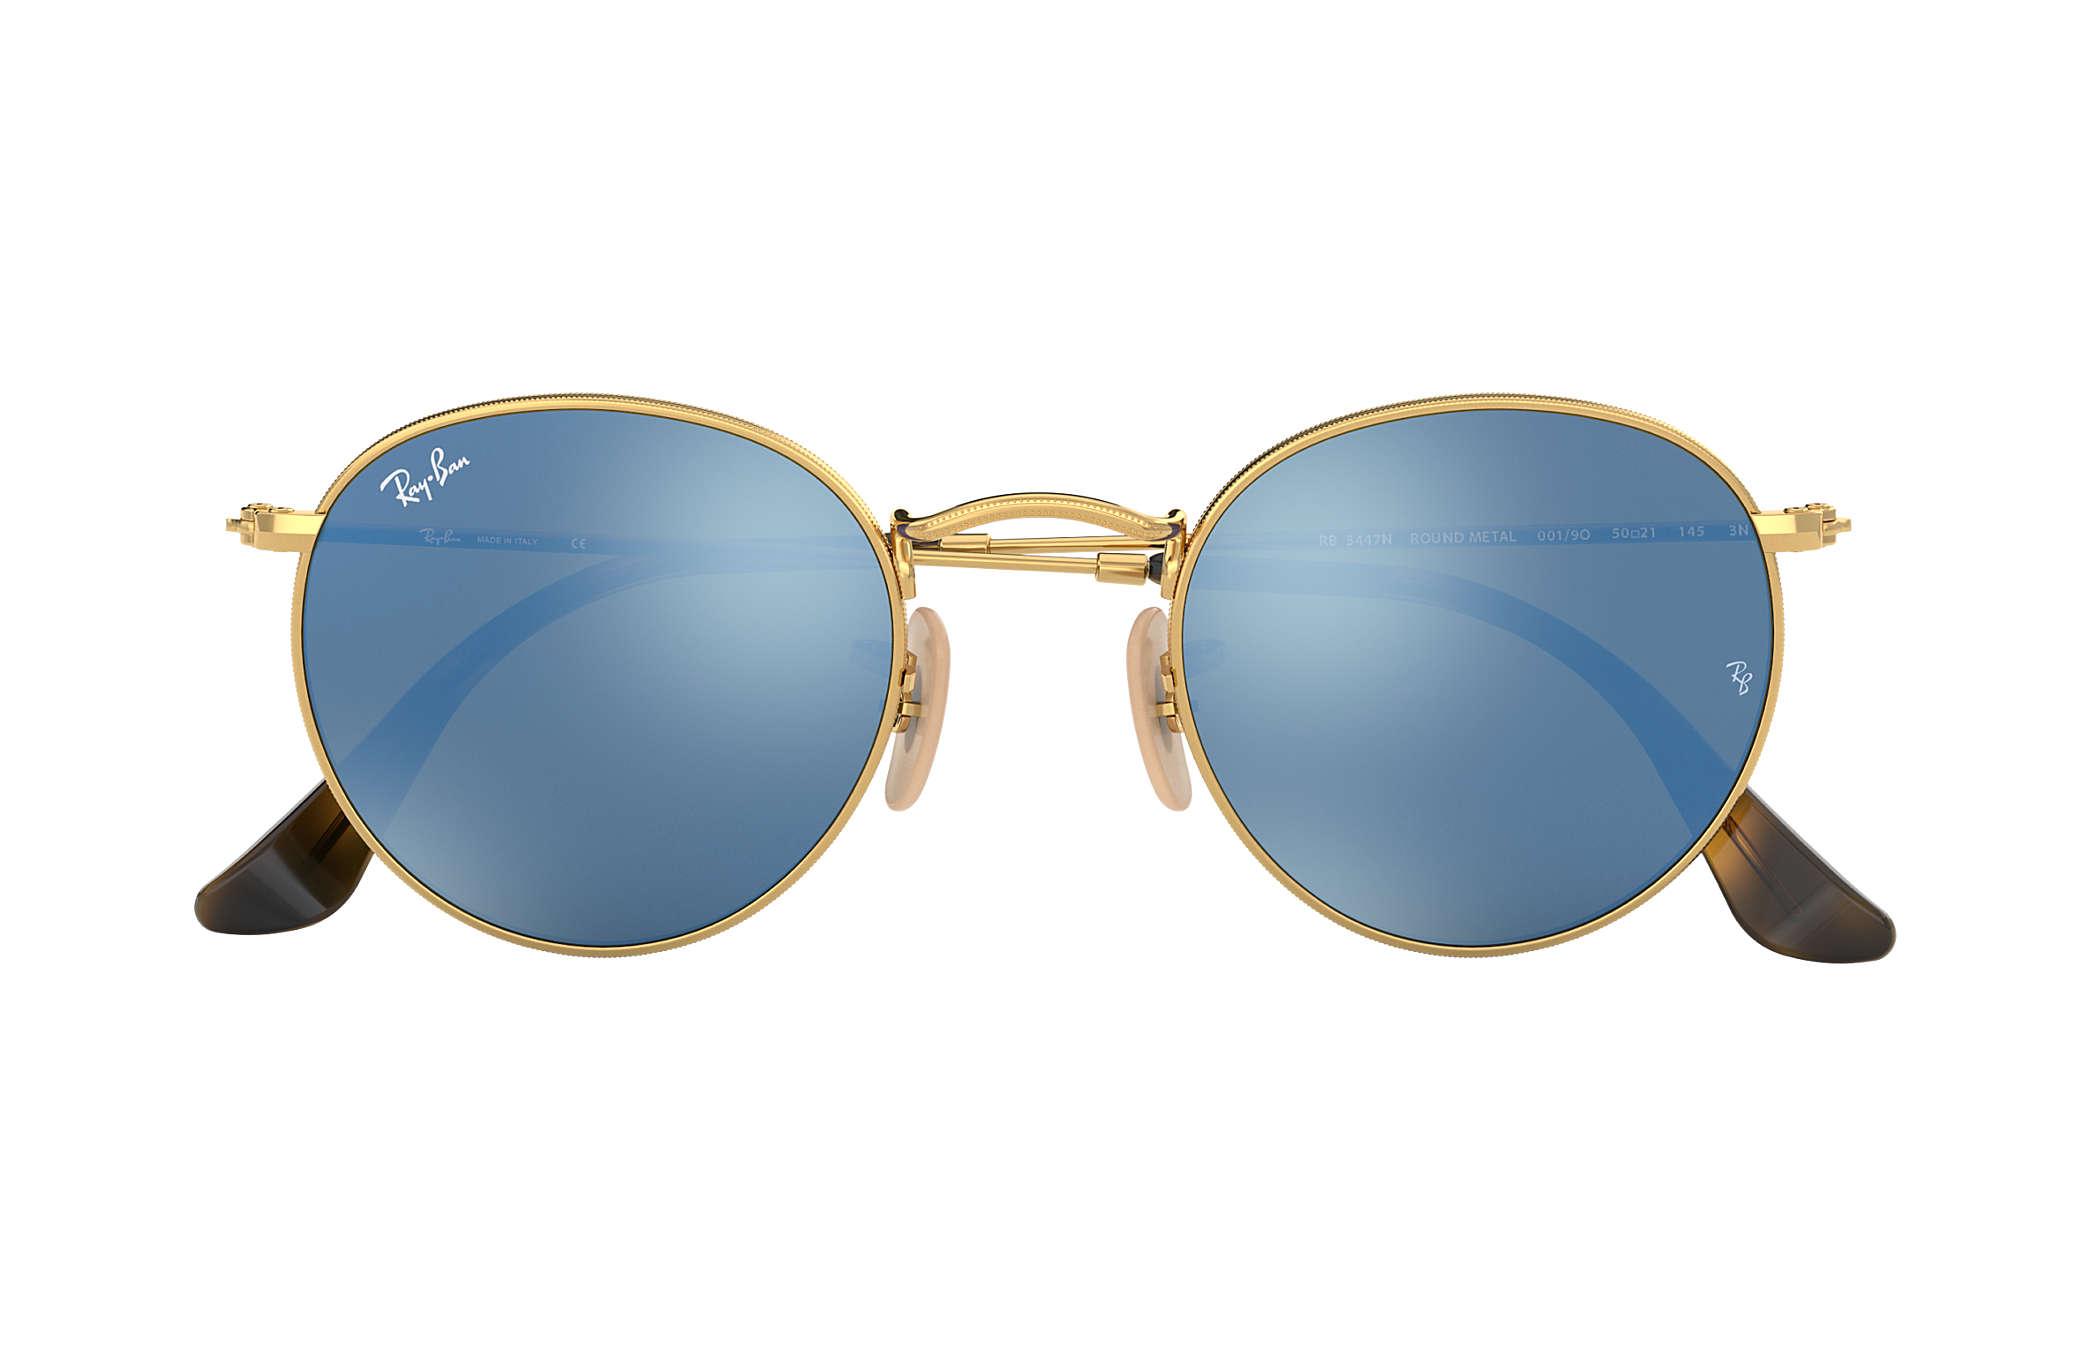 Ray ban sunglasses circle - Ray Ban 0rb3447n Round Flat Lenses Gold Sun